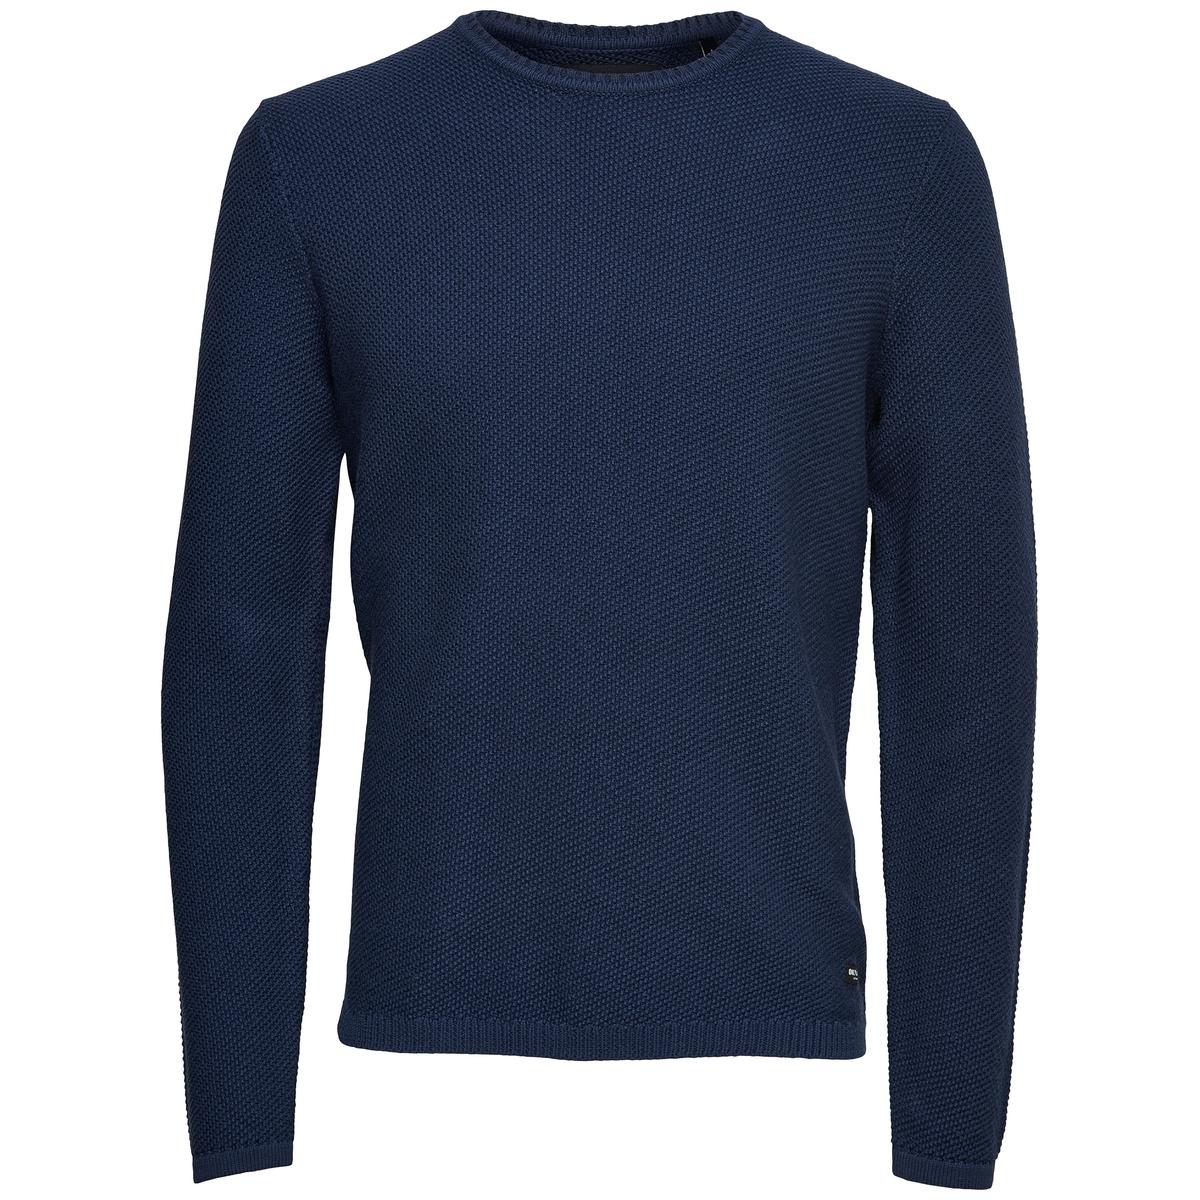 Пуловер из тонкого трикотажаДетали  •  Длинные рукава  •  Круглый вырез •  Тонкий трикотаж Состав и уход  •  100% хлопок  •  Следуйте советам по уходу, указанным на этикетке<br><br>Цвет: серый,синий морской,черный